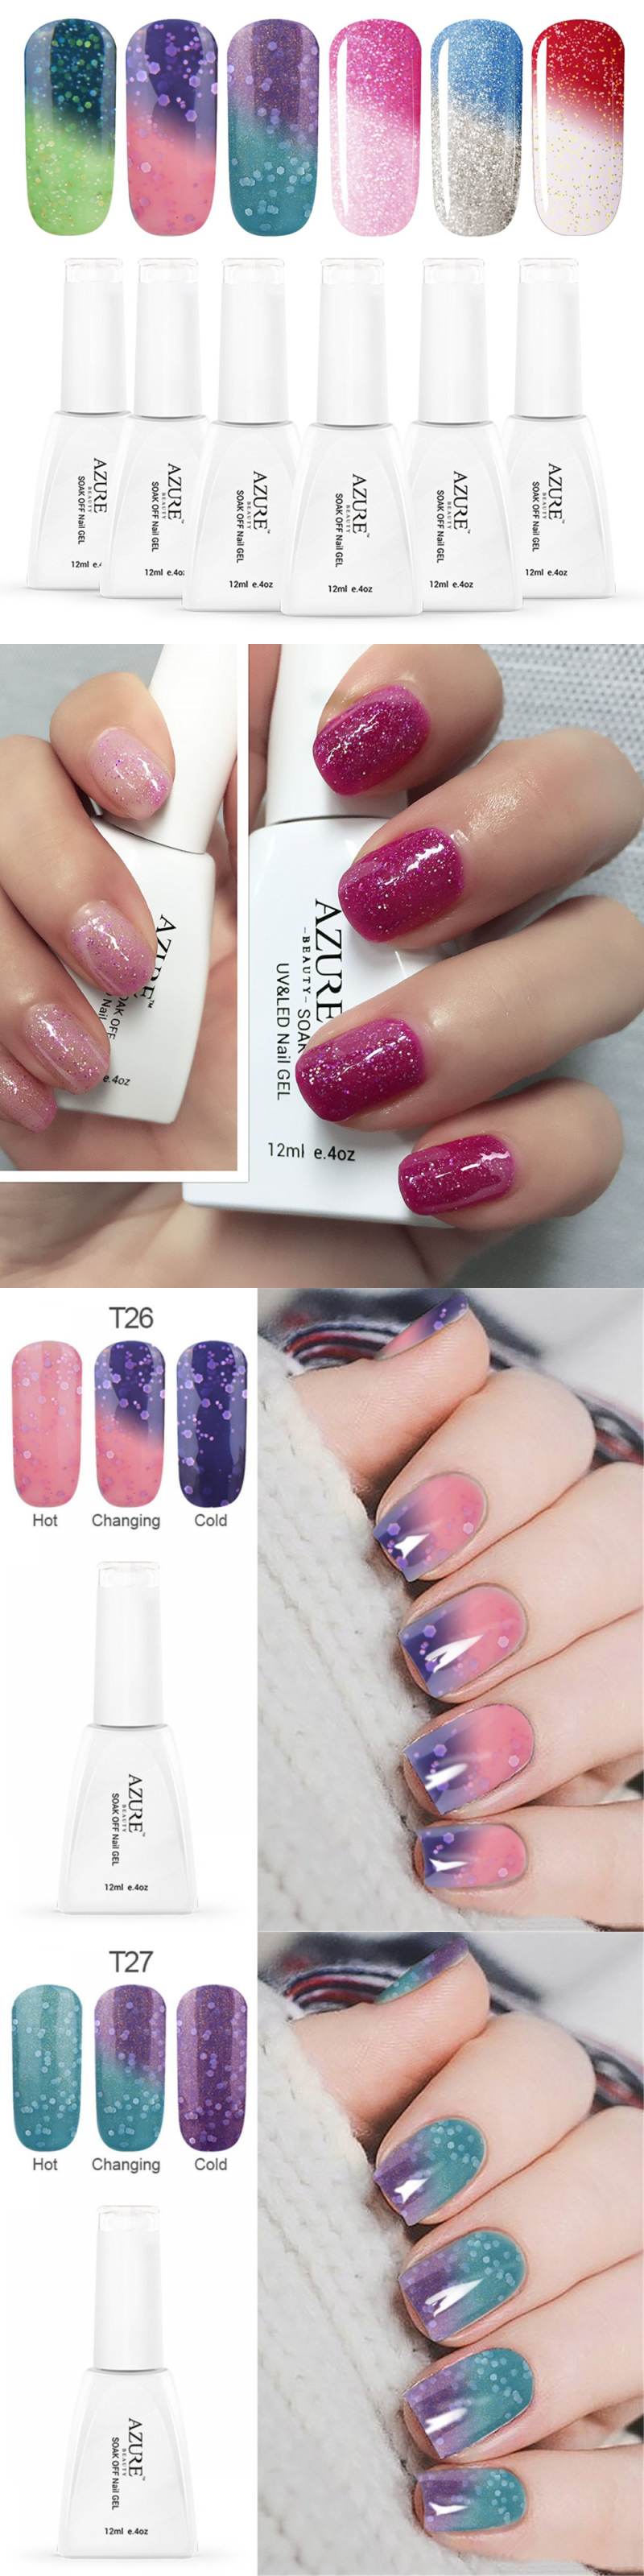 Gel Nails: Azure Beauty Gel Nail Polish Set Mood Color Change Gel ...